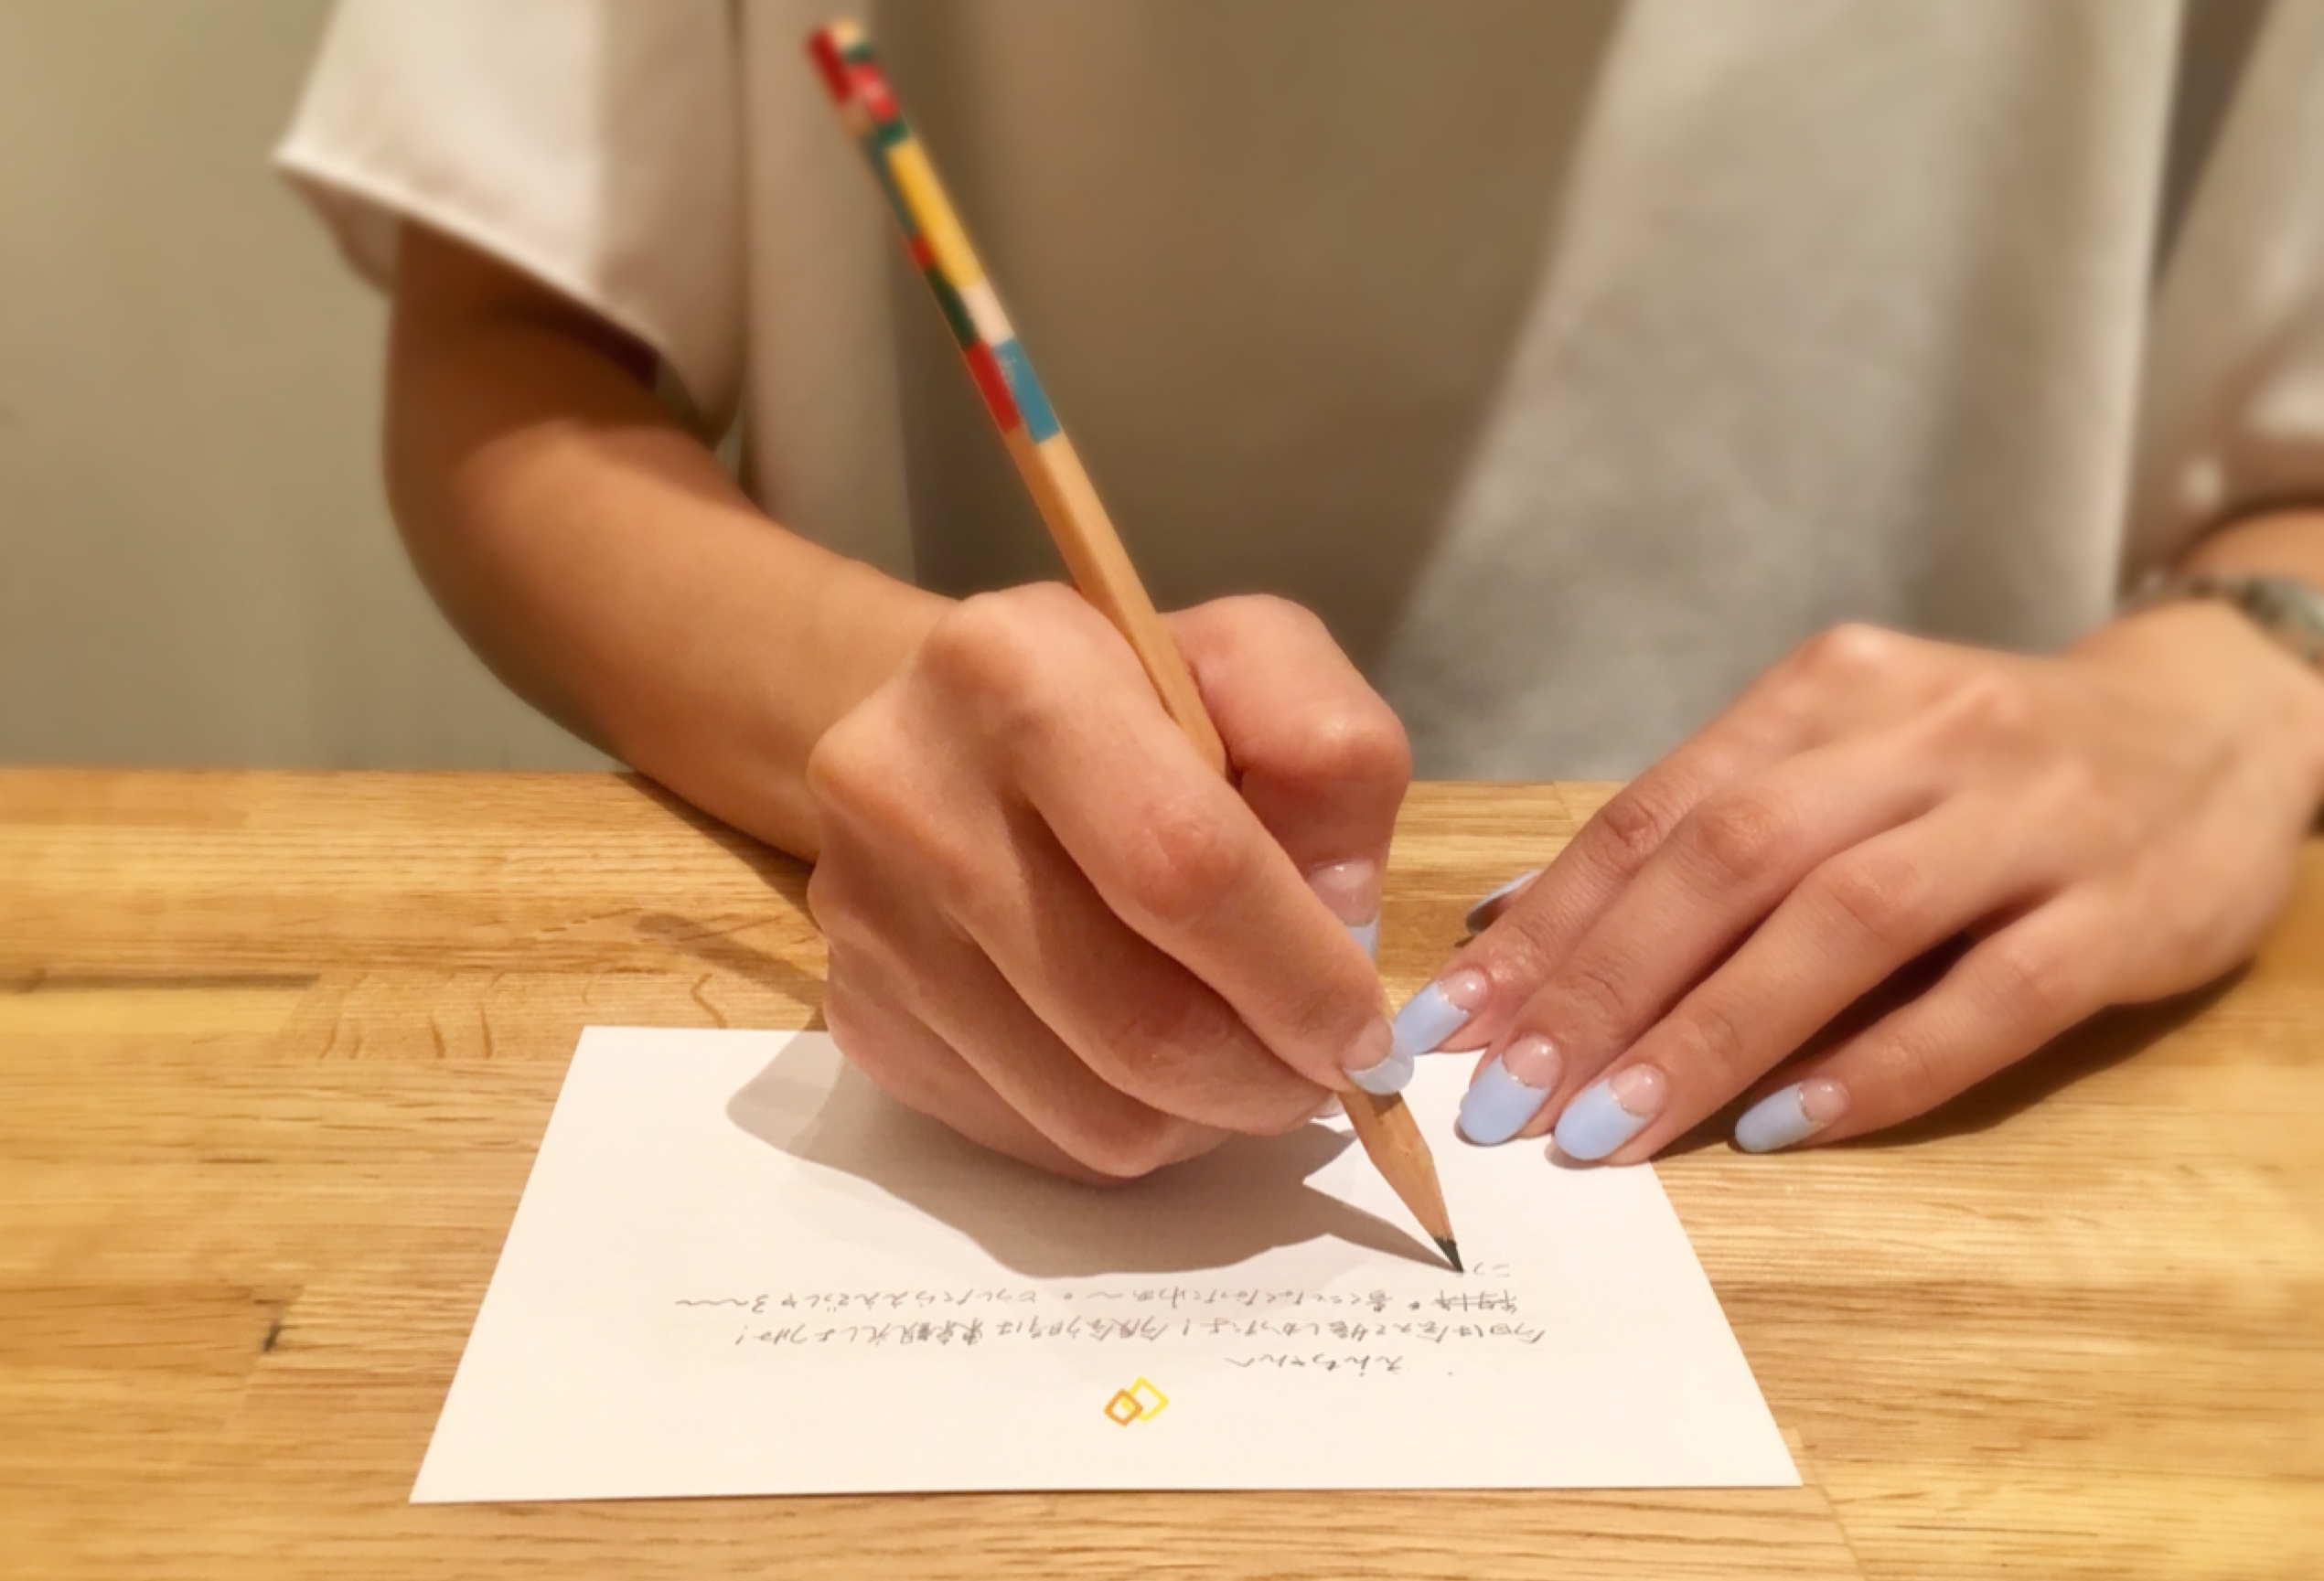 誕生日/受験/卒業/就職/留学/小さなともしび/TOMOSHIBI LETTER